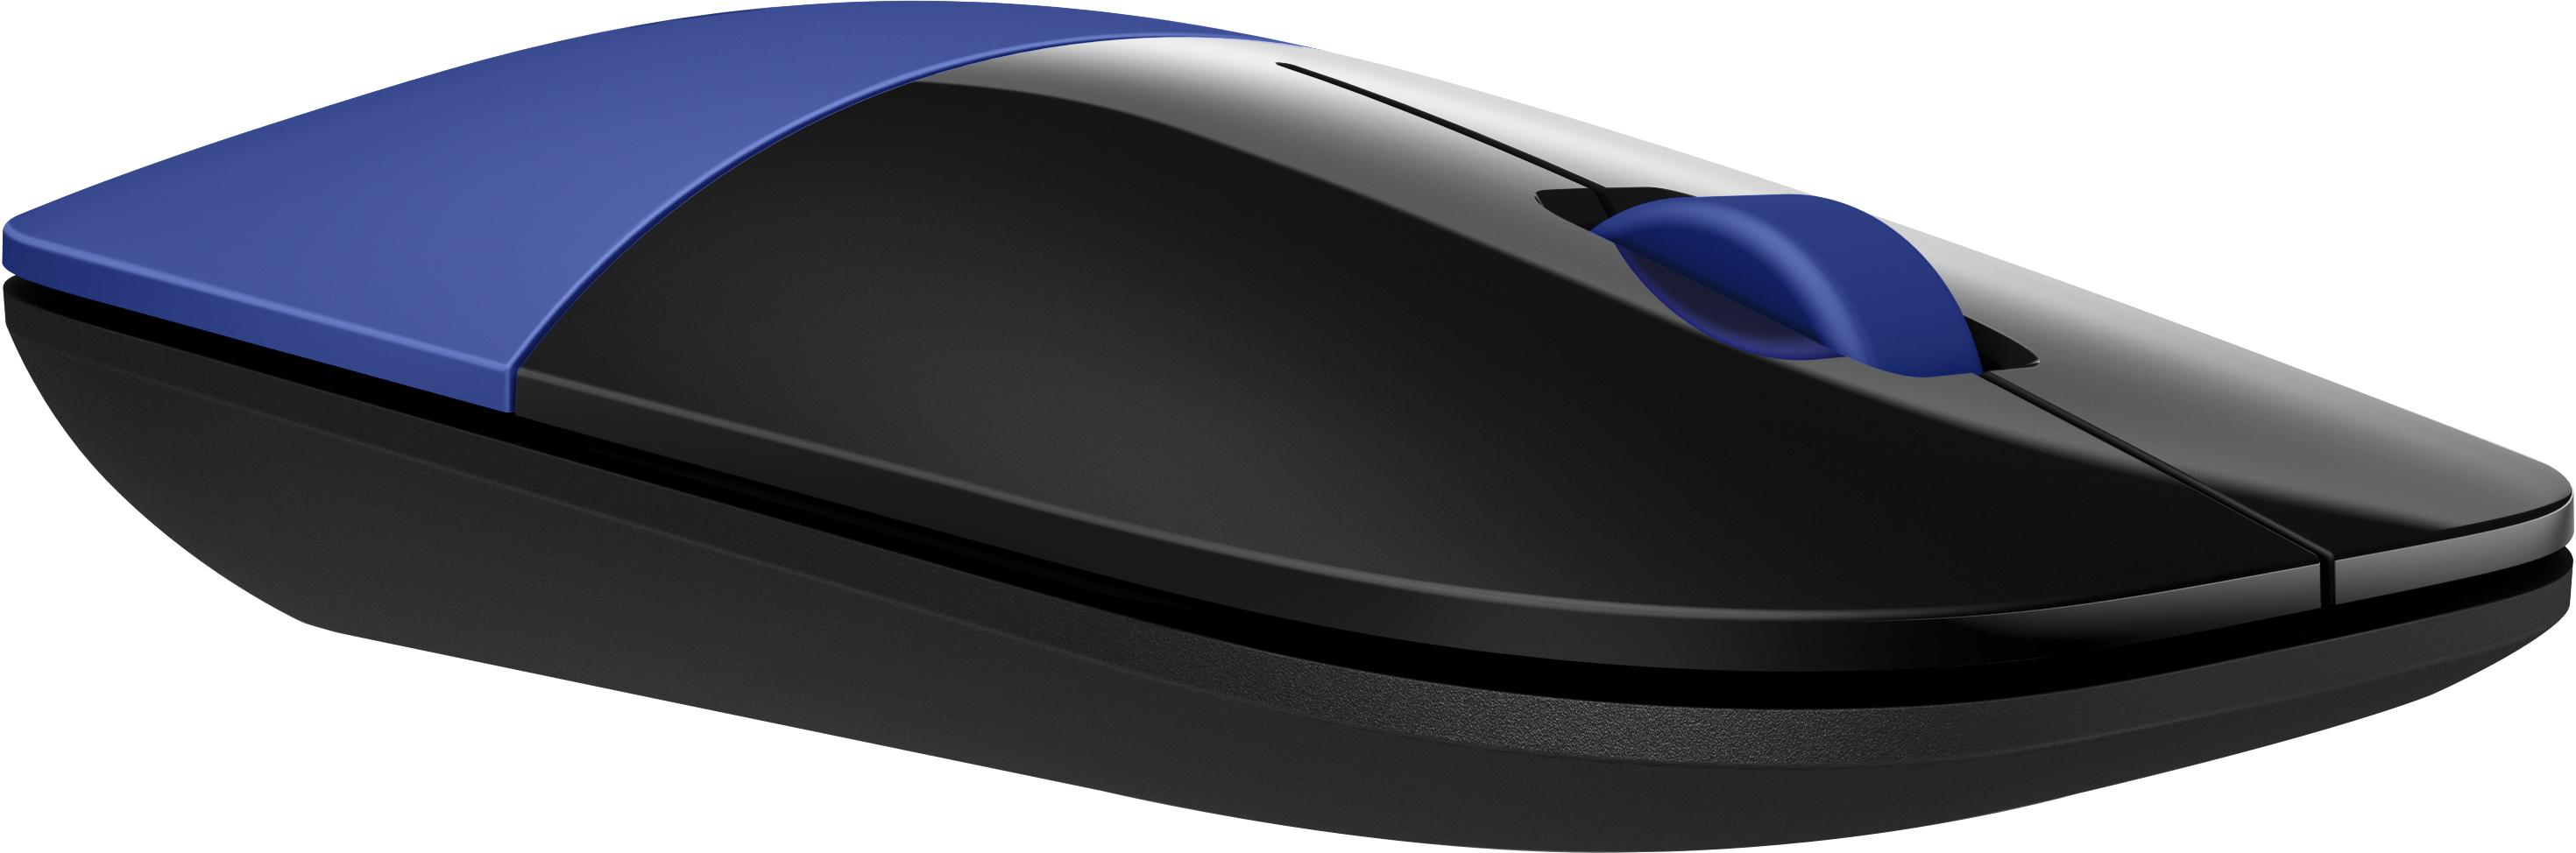 Z3700 Wireless Mouse (blauw)